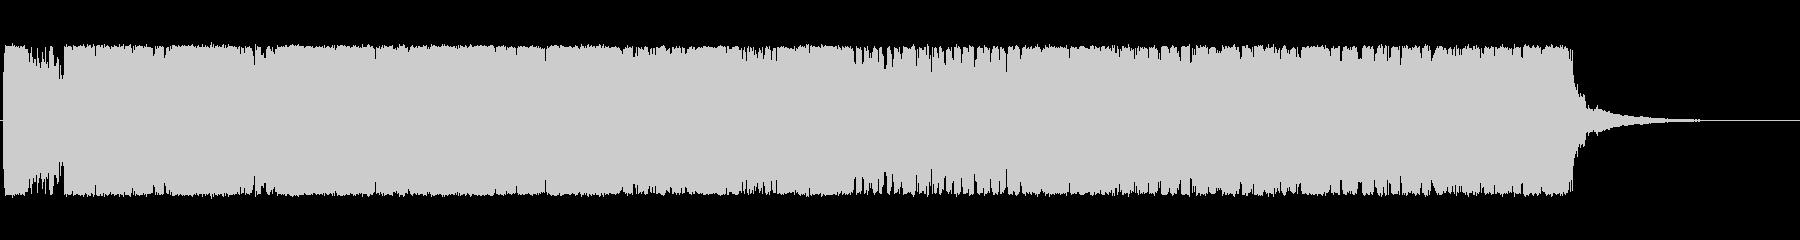 ドリフのコントのオチで流れるような転換曲の未再生の波形